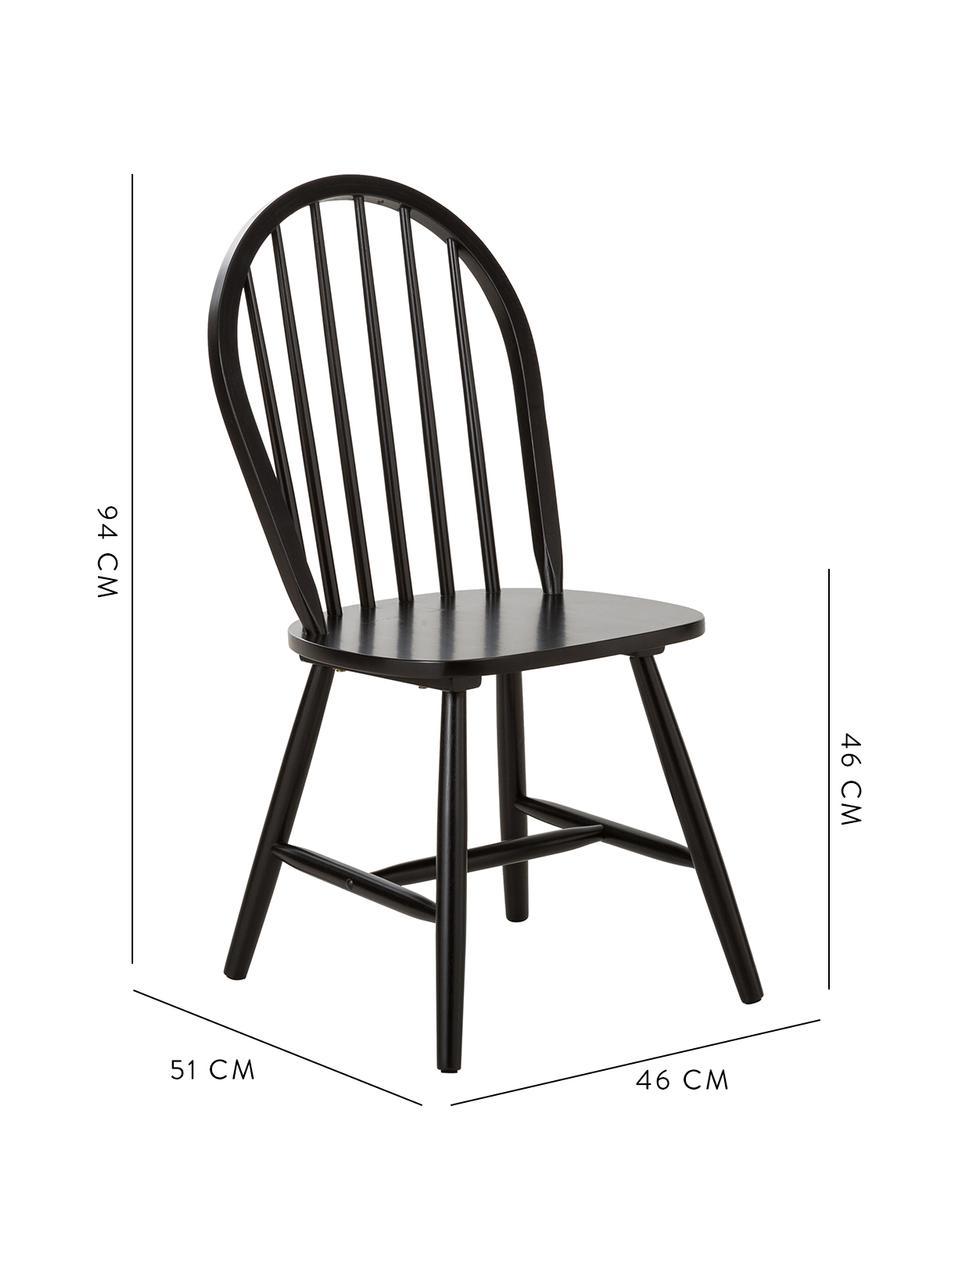 Windsor-Holzstühle Megan aus Holz, 2 Stück, Kautschukholz, lackiert, Schwarz, B 46 x T 51 cm